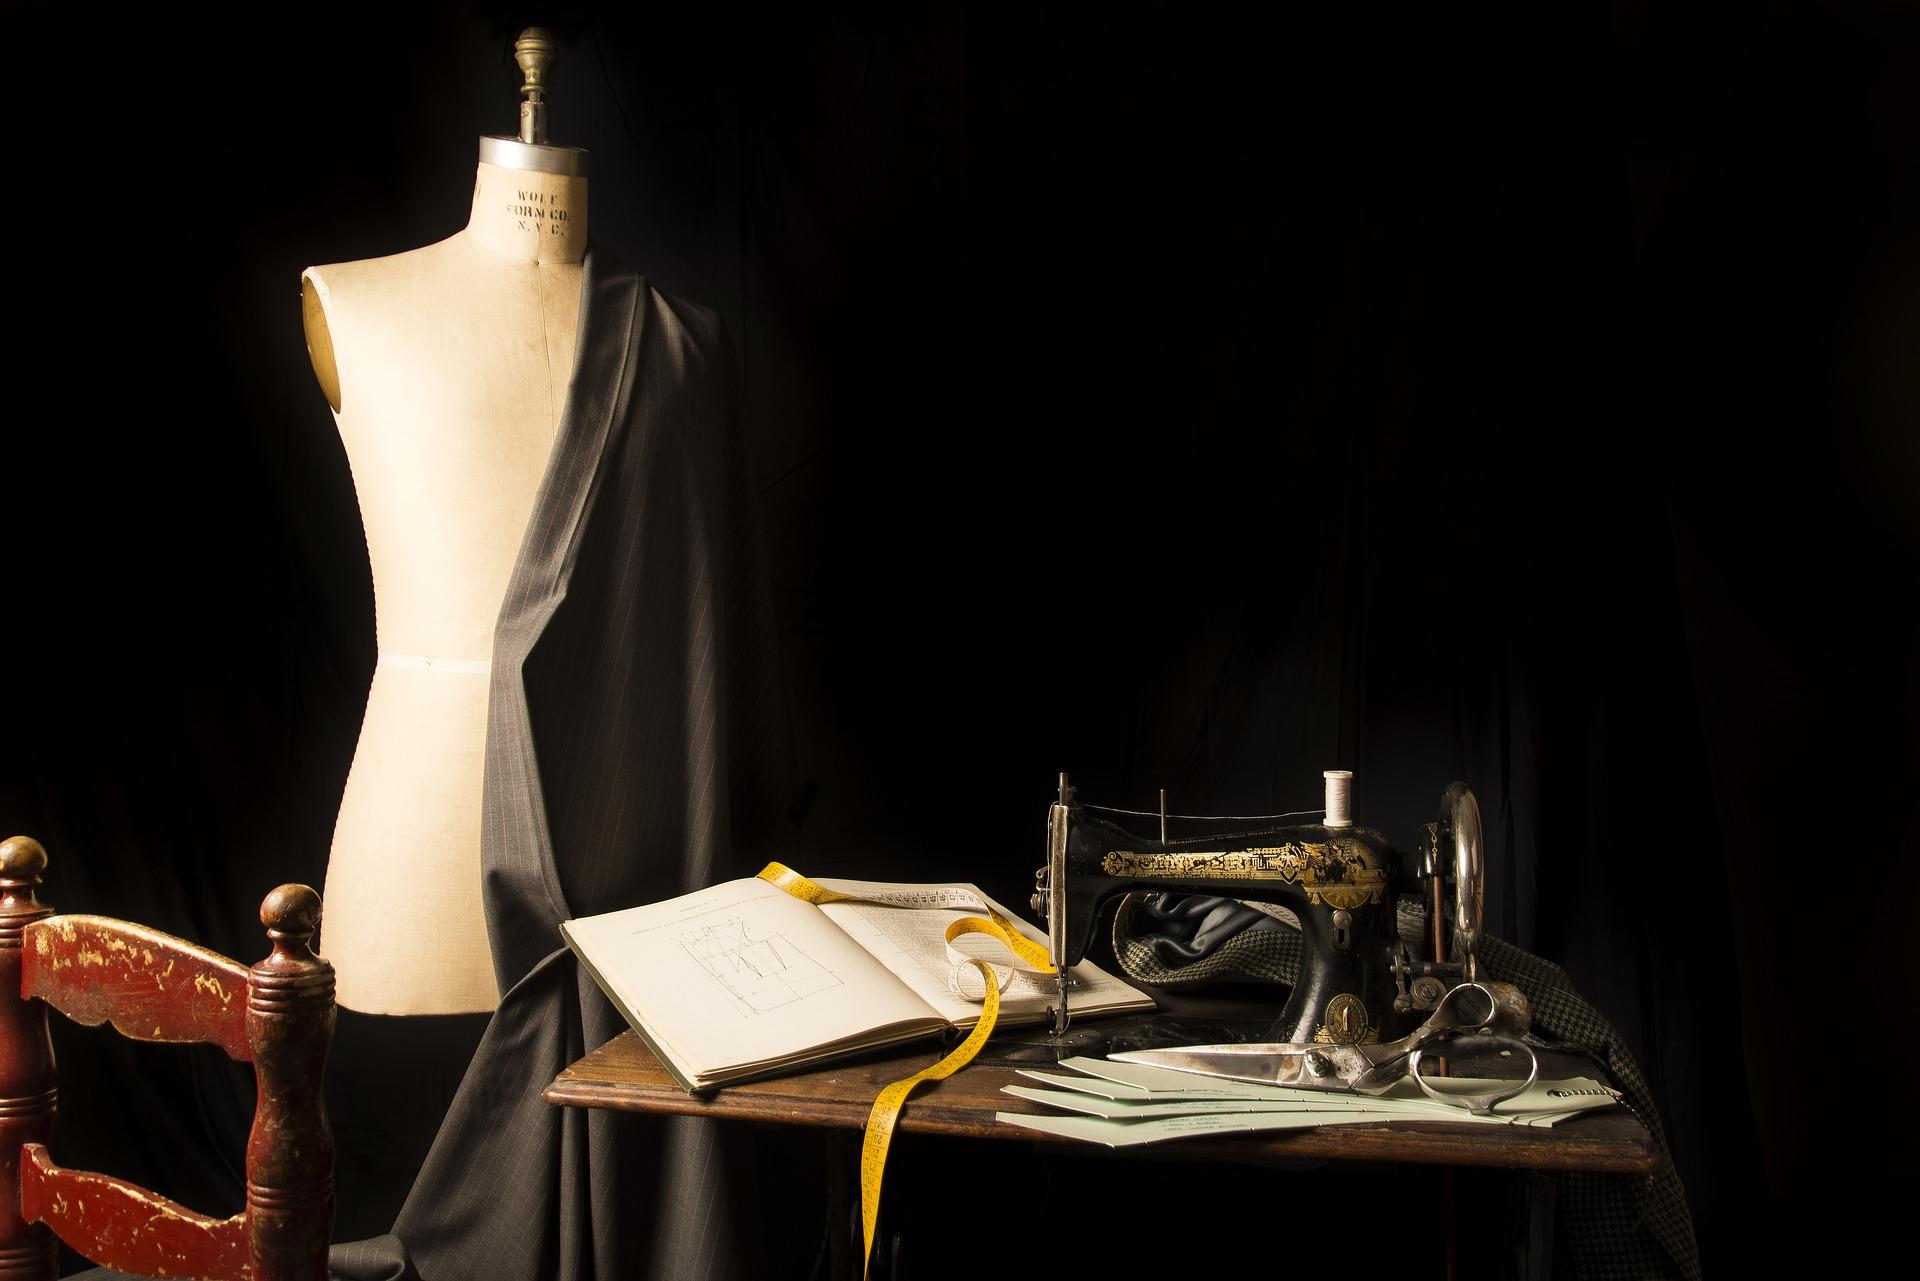 Cursos online de moda y confección   Cursos online de moda y confección TallerSastre